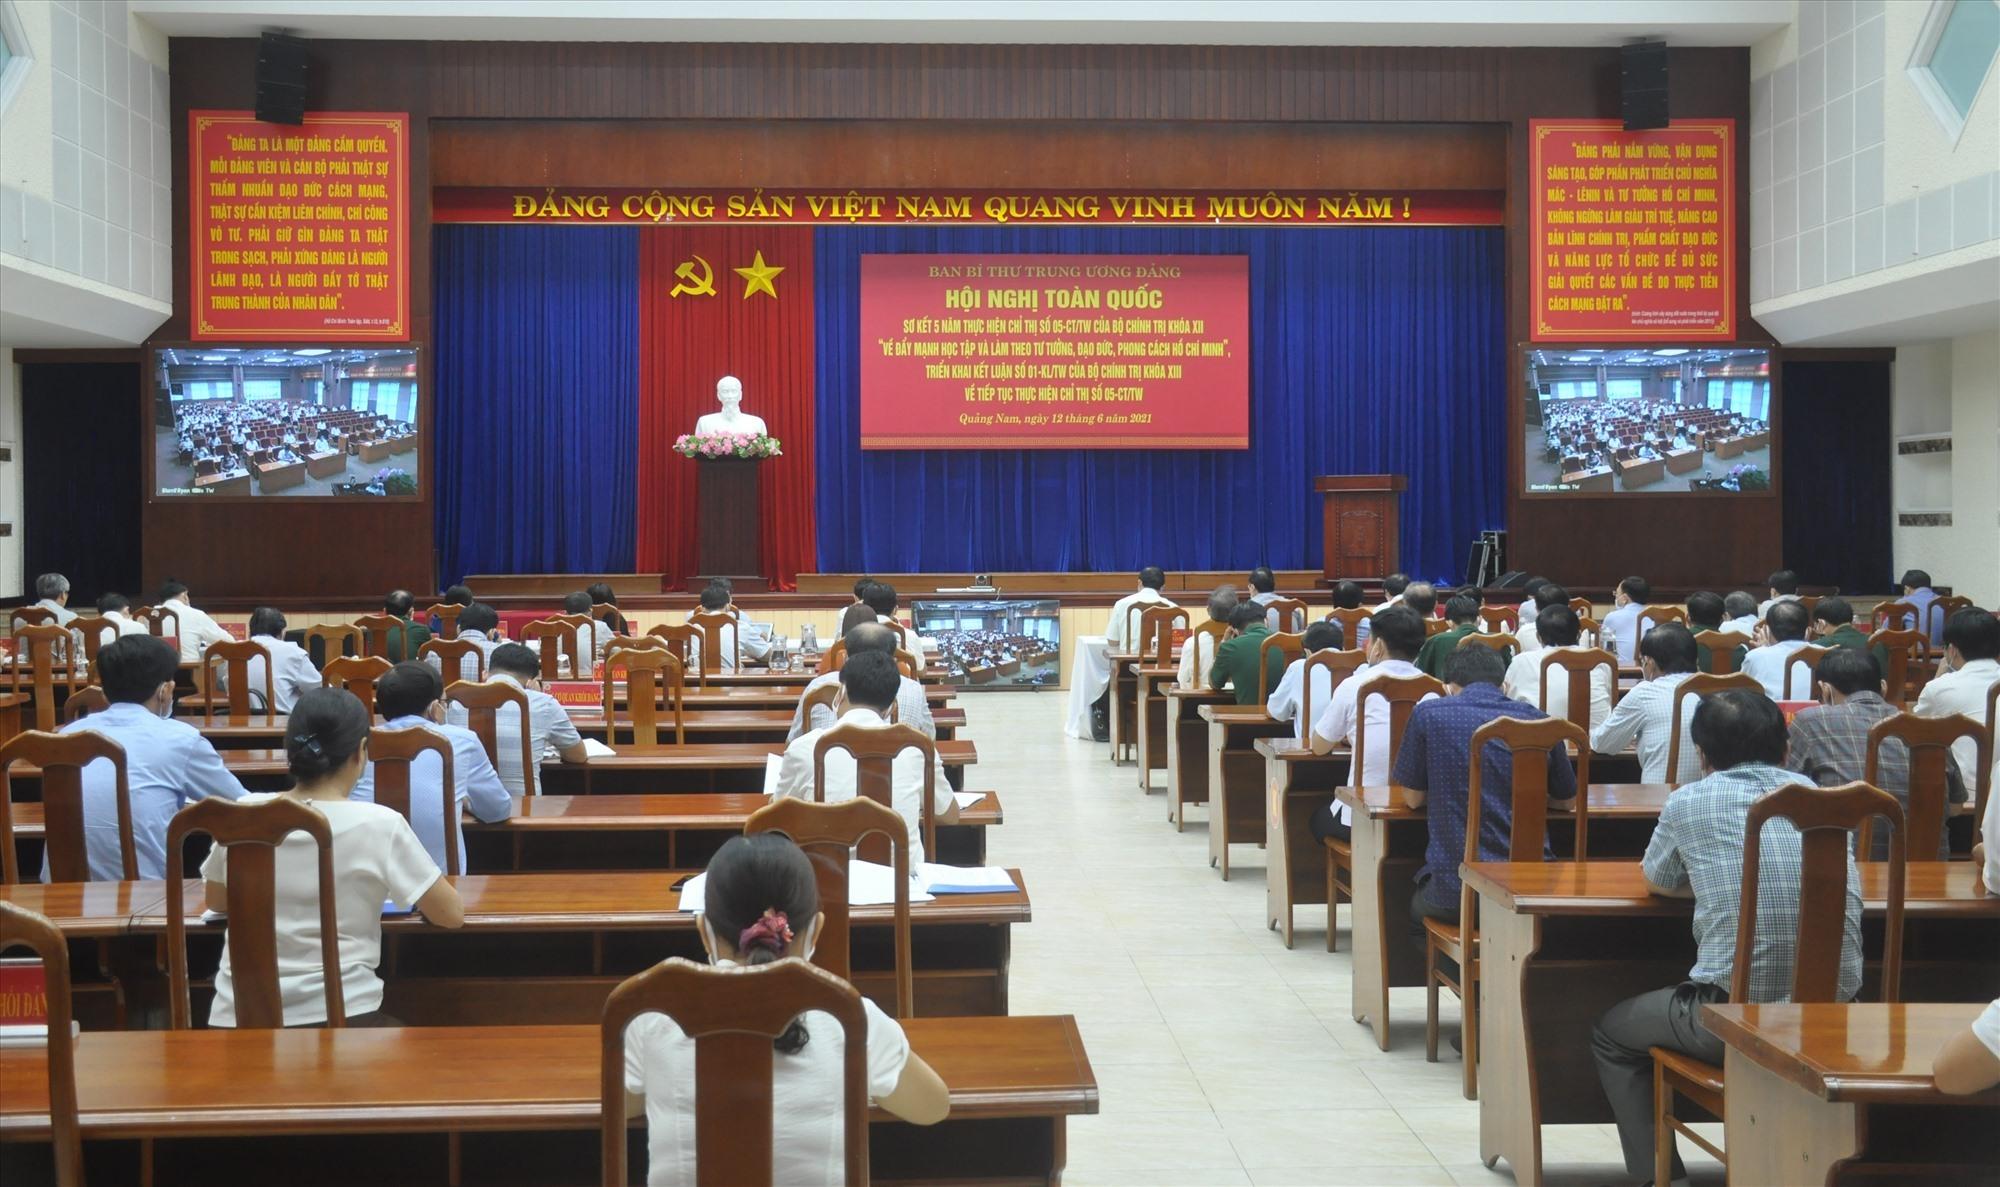 Quang cảnh hội nghị tại điểm cầu Quảng Nam. Ảnh: N.Đ